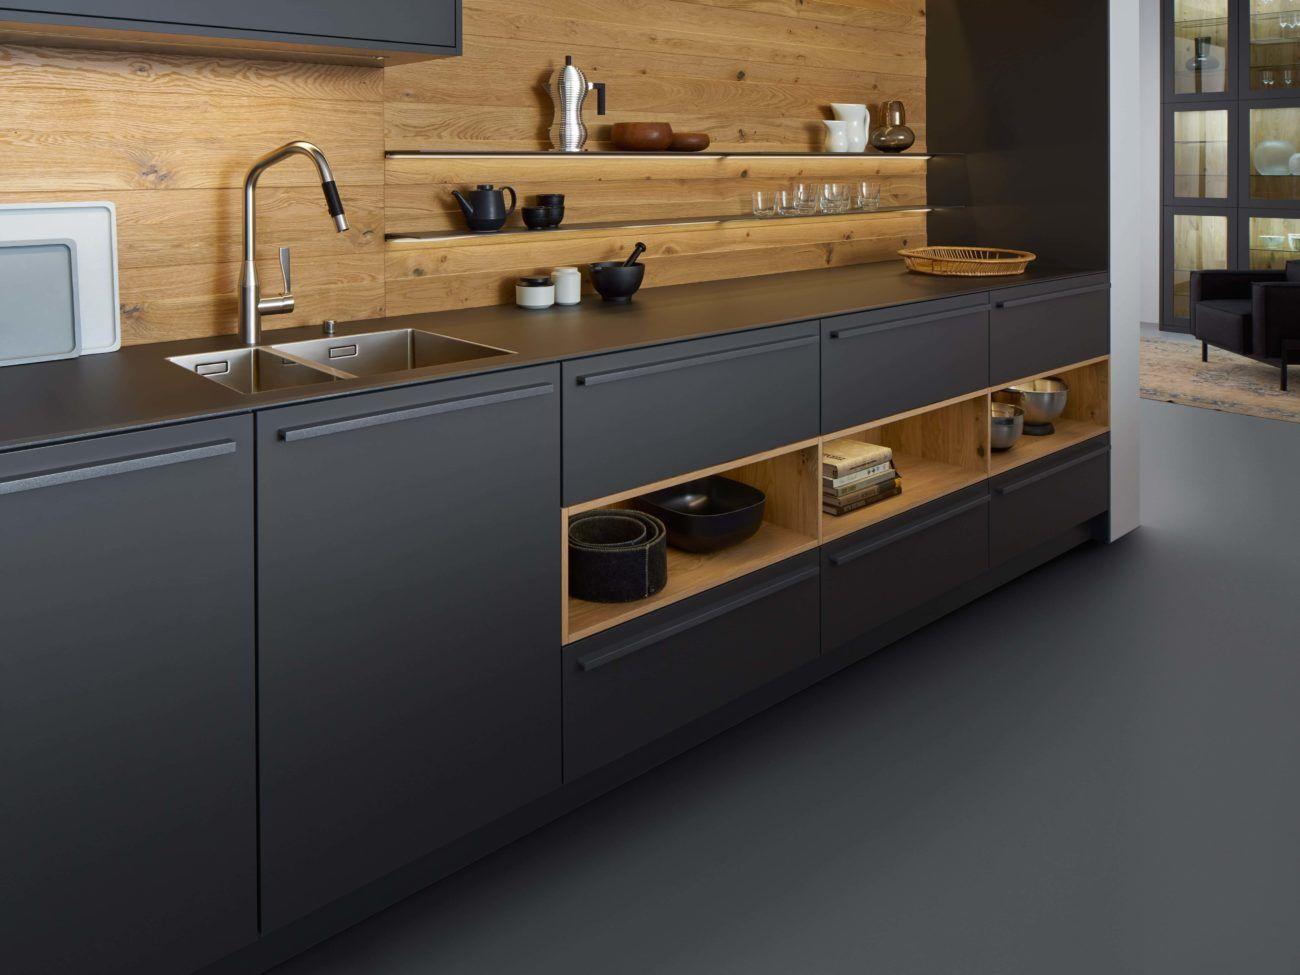 C-förmige design-ideen für küchen küchentrends  aktuelle designs und farben für die küchenplanung